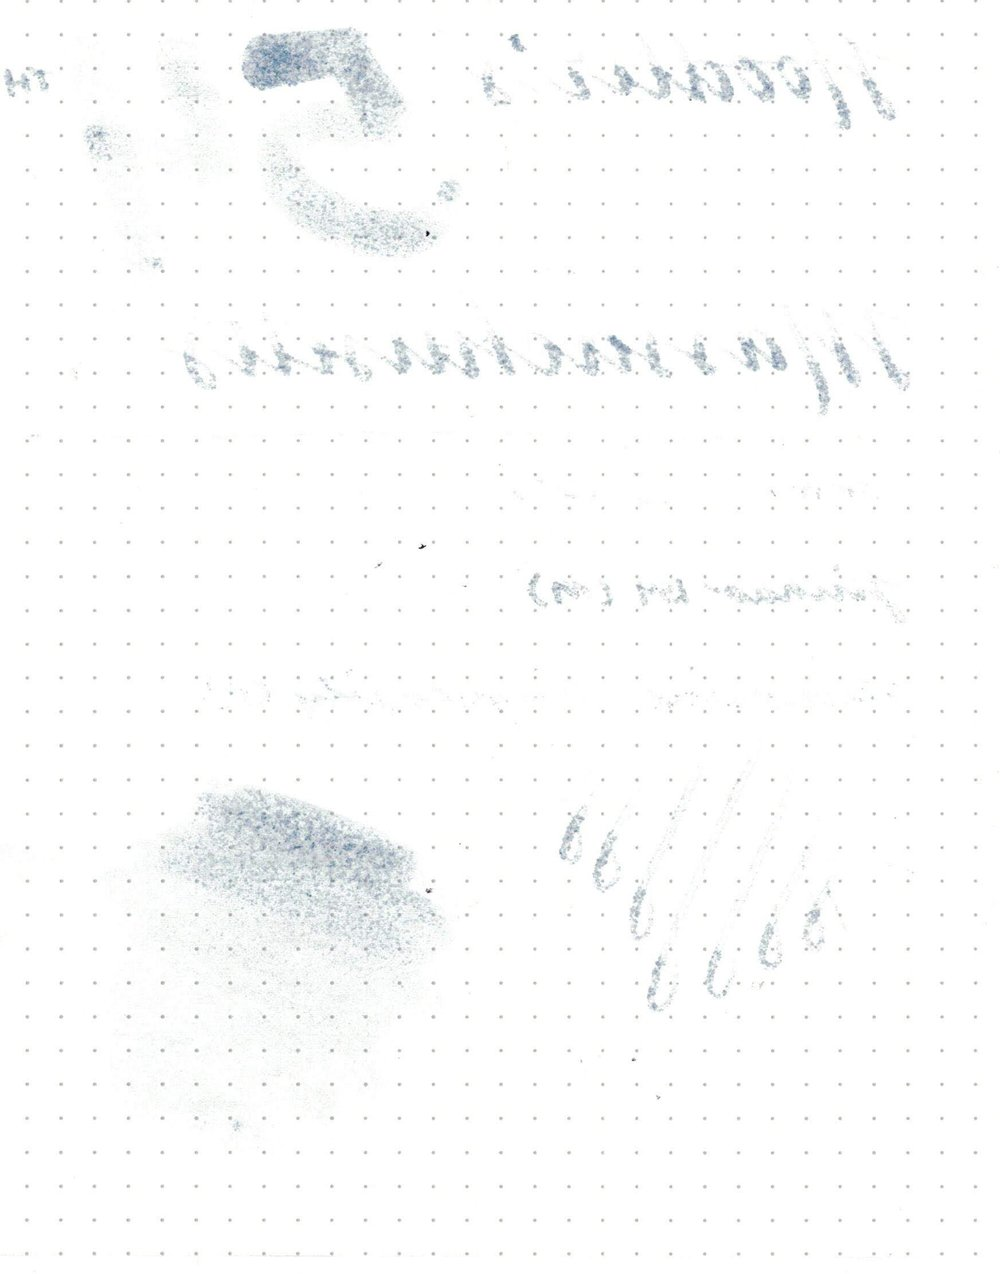 paper: Rhodia DotPad